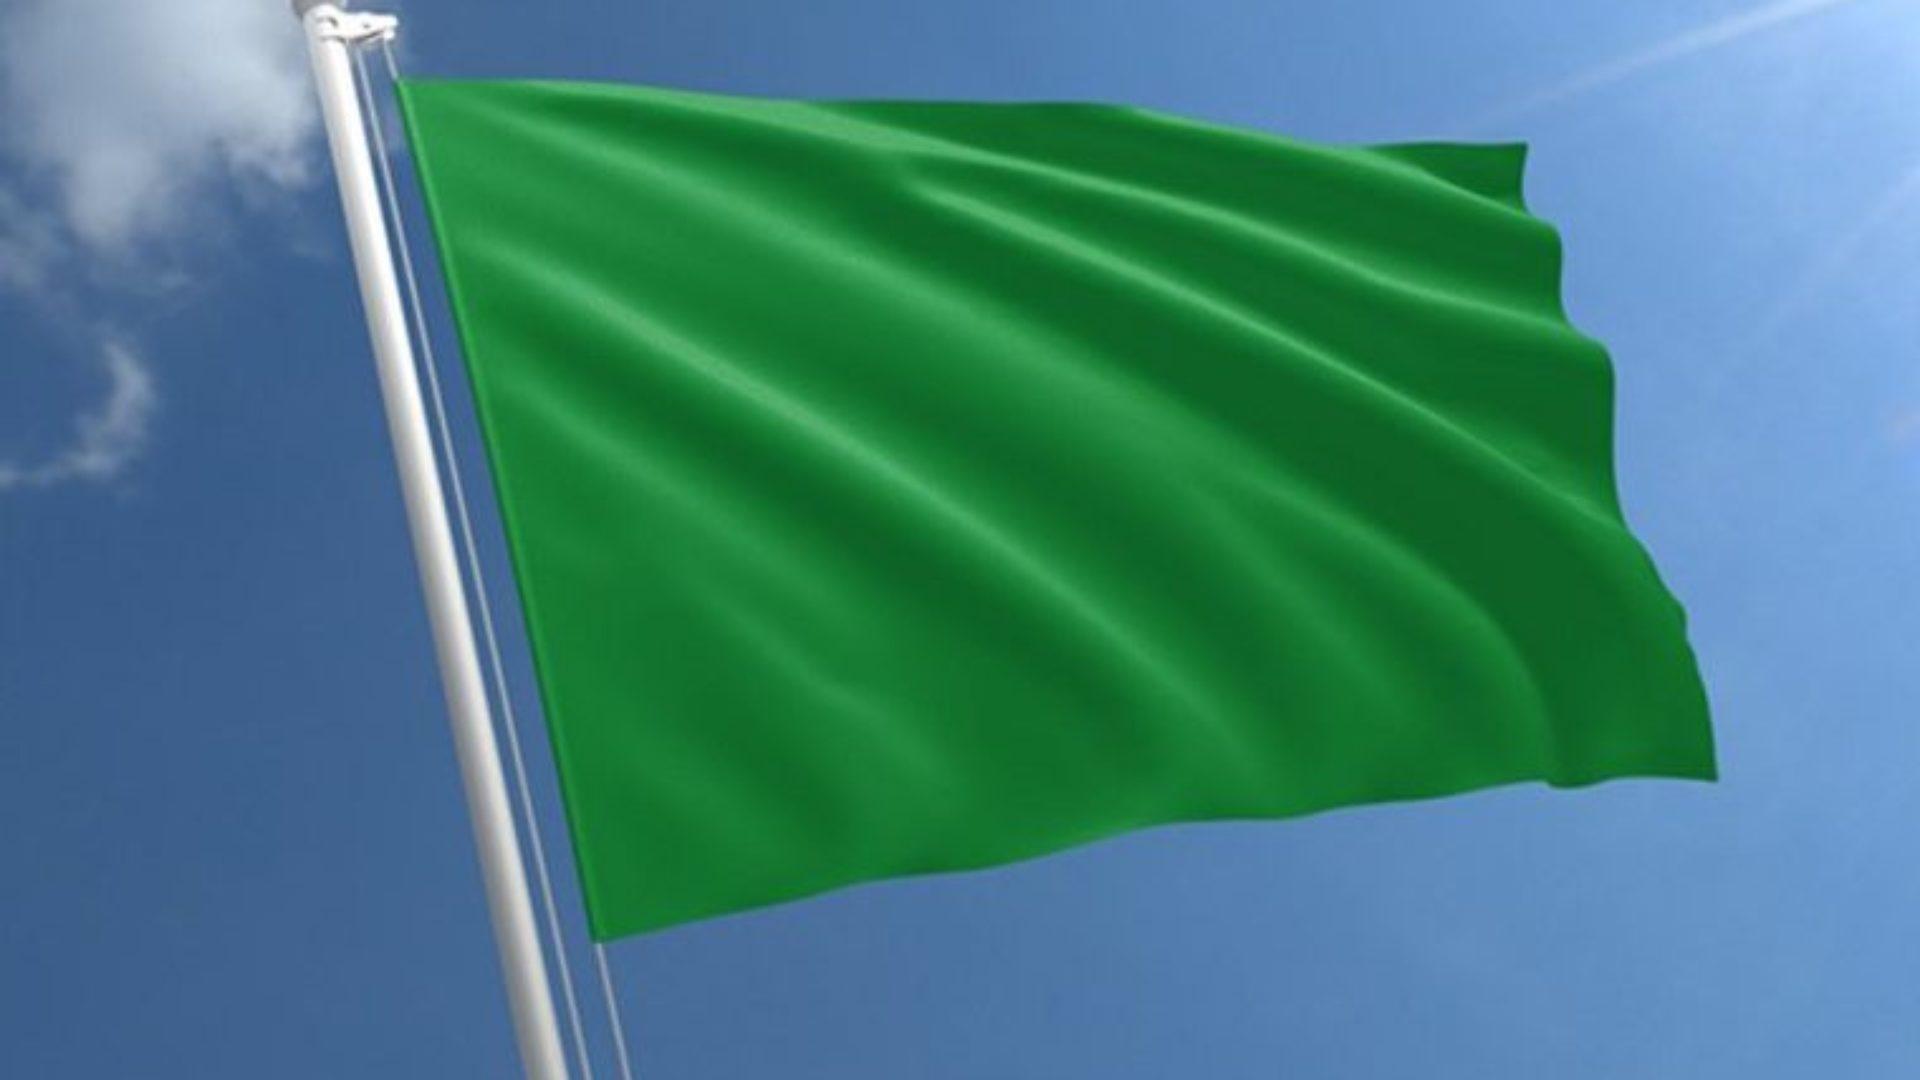 Friburgo entra em bandeira verde após quase 2 meses em amarela